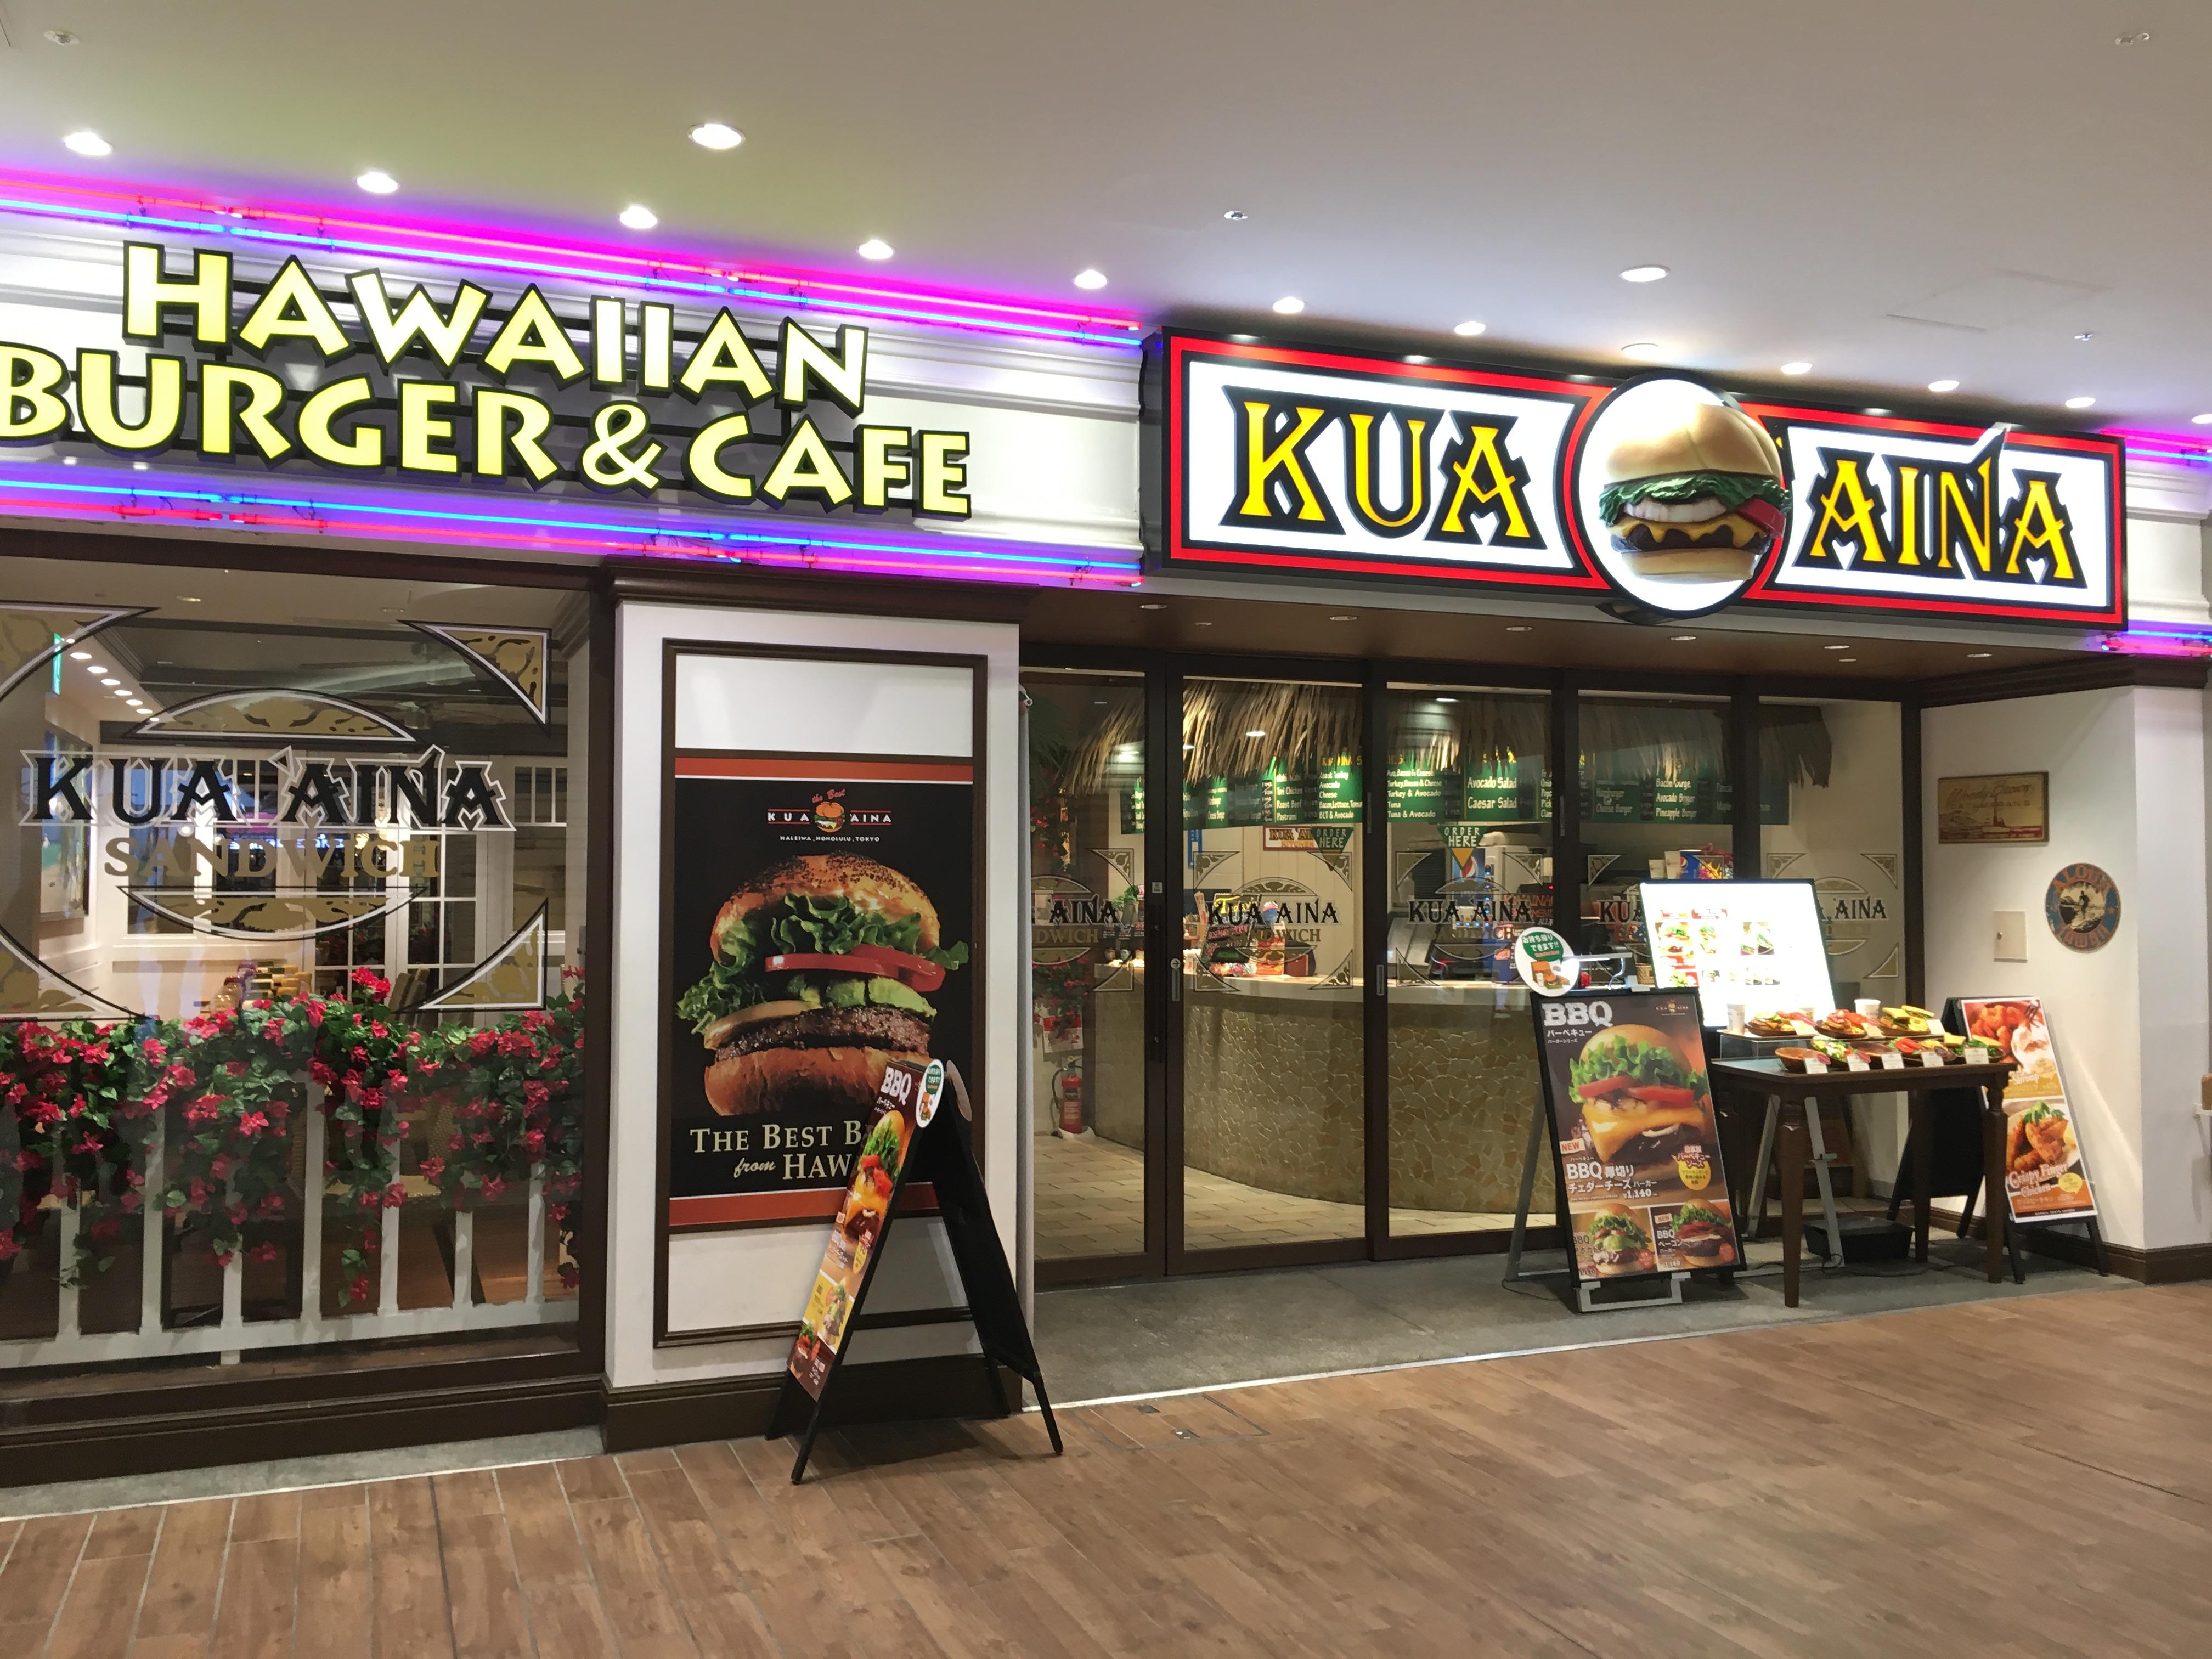 サンシャインシティでひと息入れるいい感じカフェ「KUA`AINA クア・アイナ」